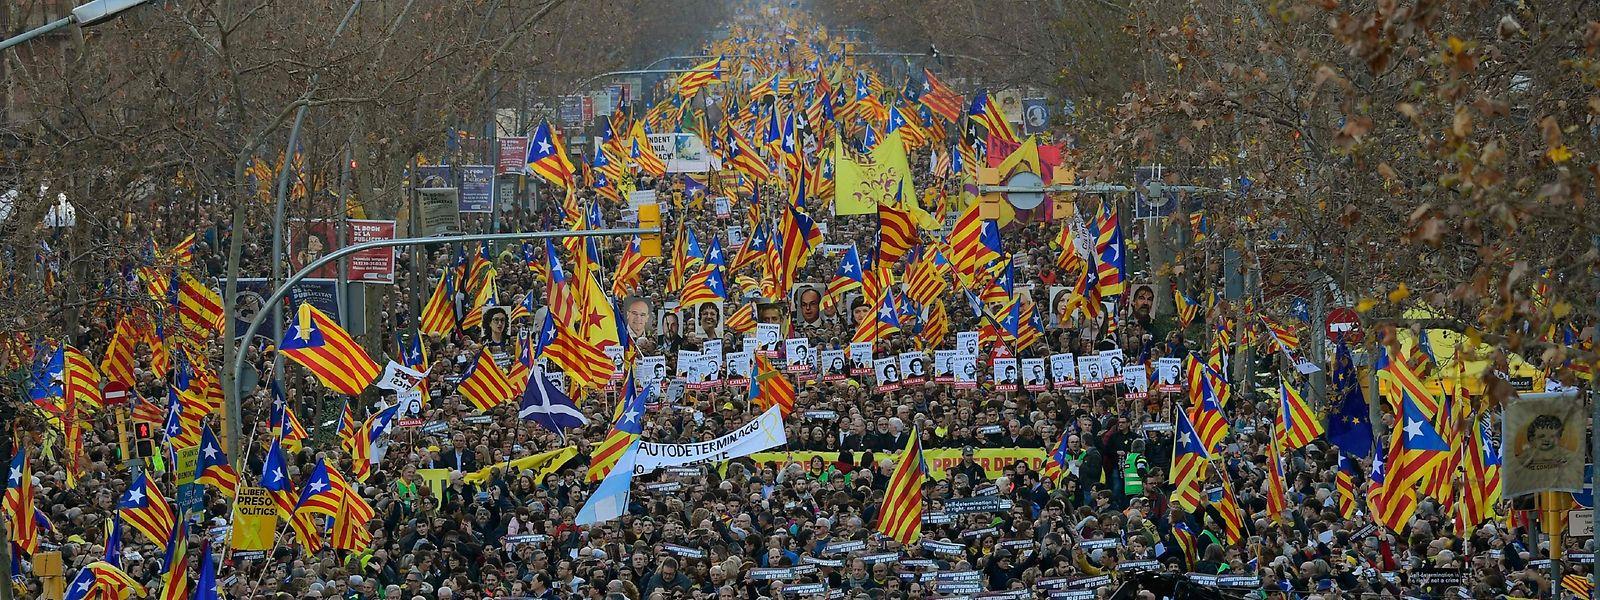 Zahlreiche Großdemonstrationen gegen den Separatistenprozess hat es in den vergangenen Monaten gegeben.